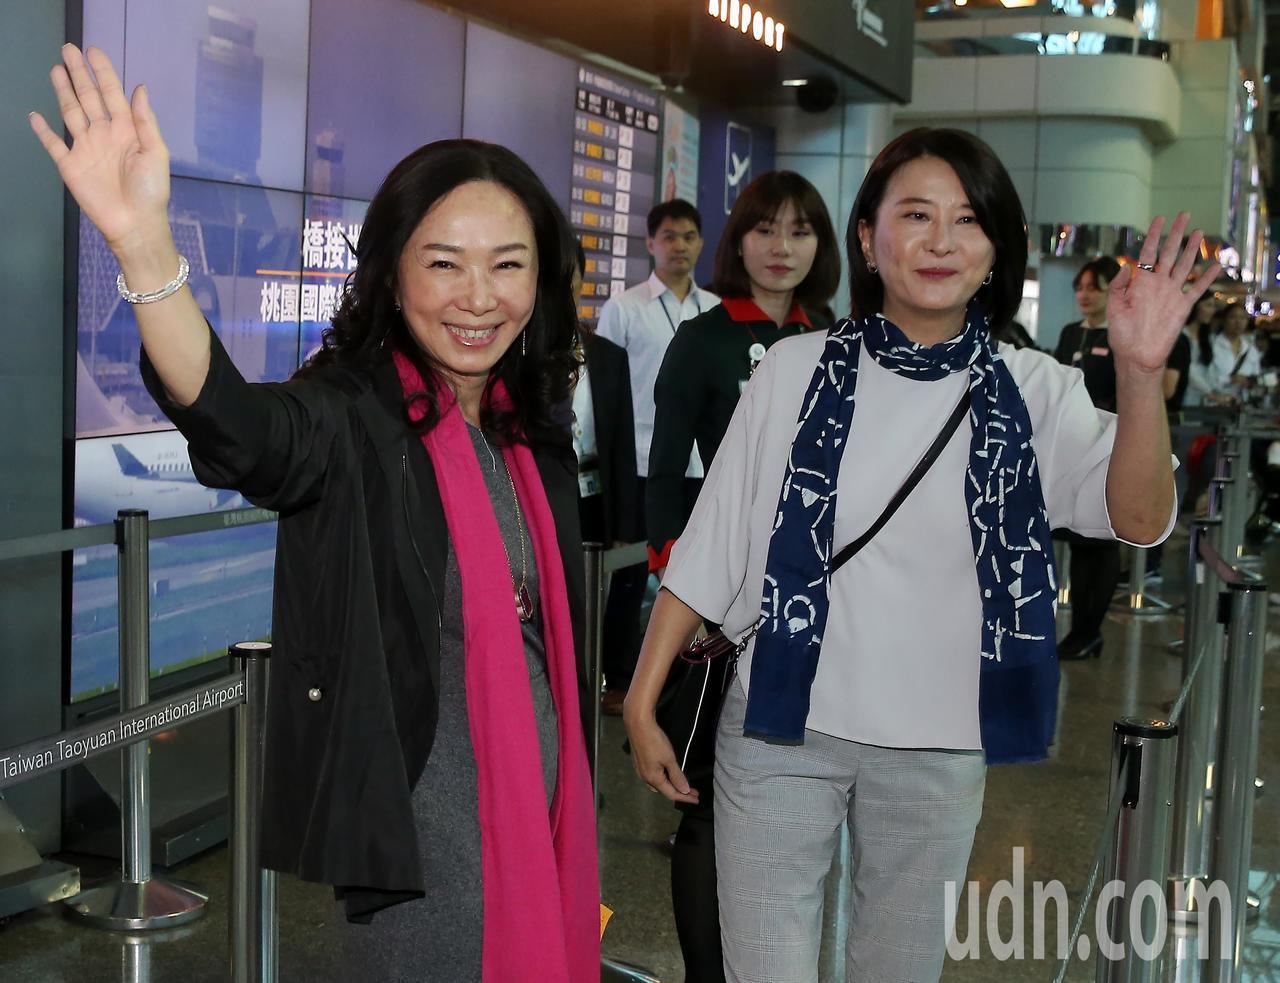 高雄市長韓國瑜夫人李佳芬(左)率領的訪問團,23日清晨搭機前往菲律賓、越南等地訪...